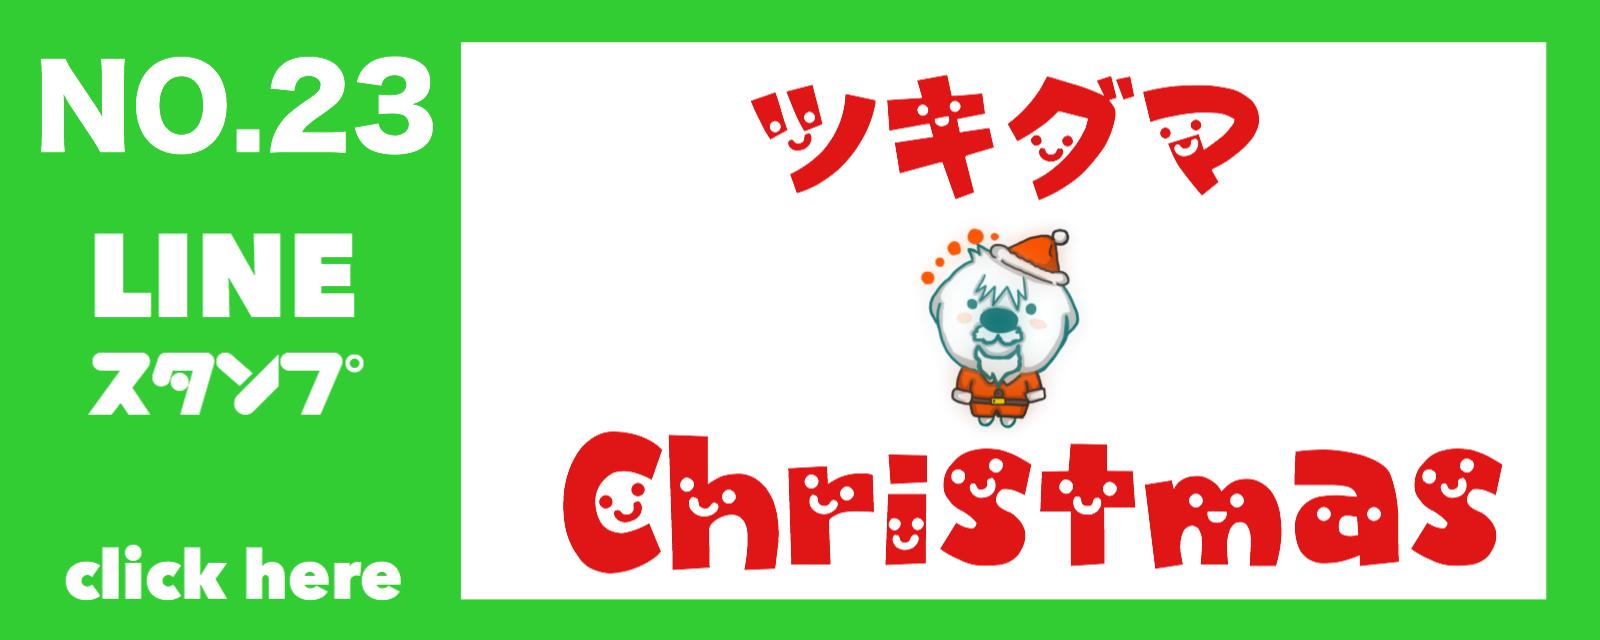 LINEスタンプツキグマクリスマスバージョン